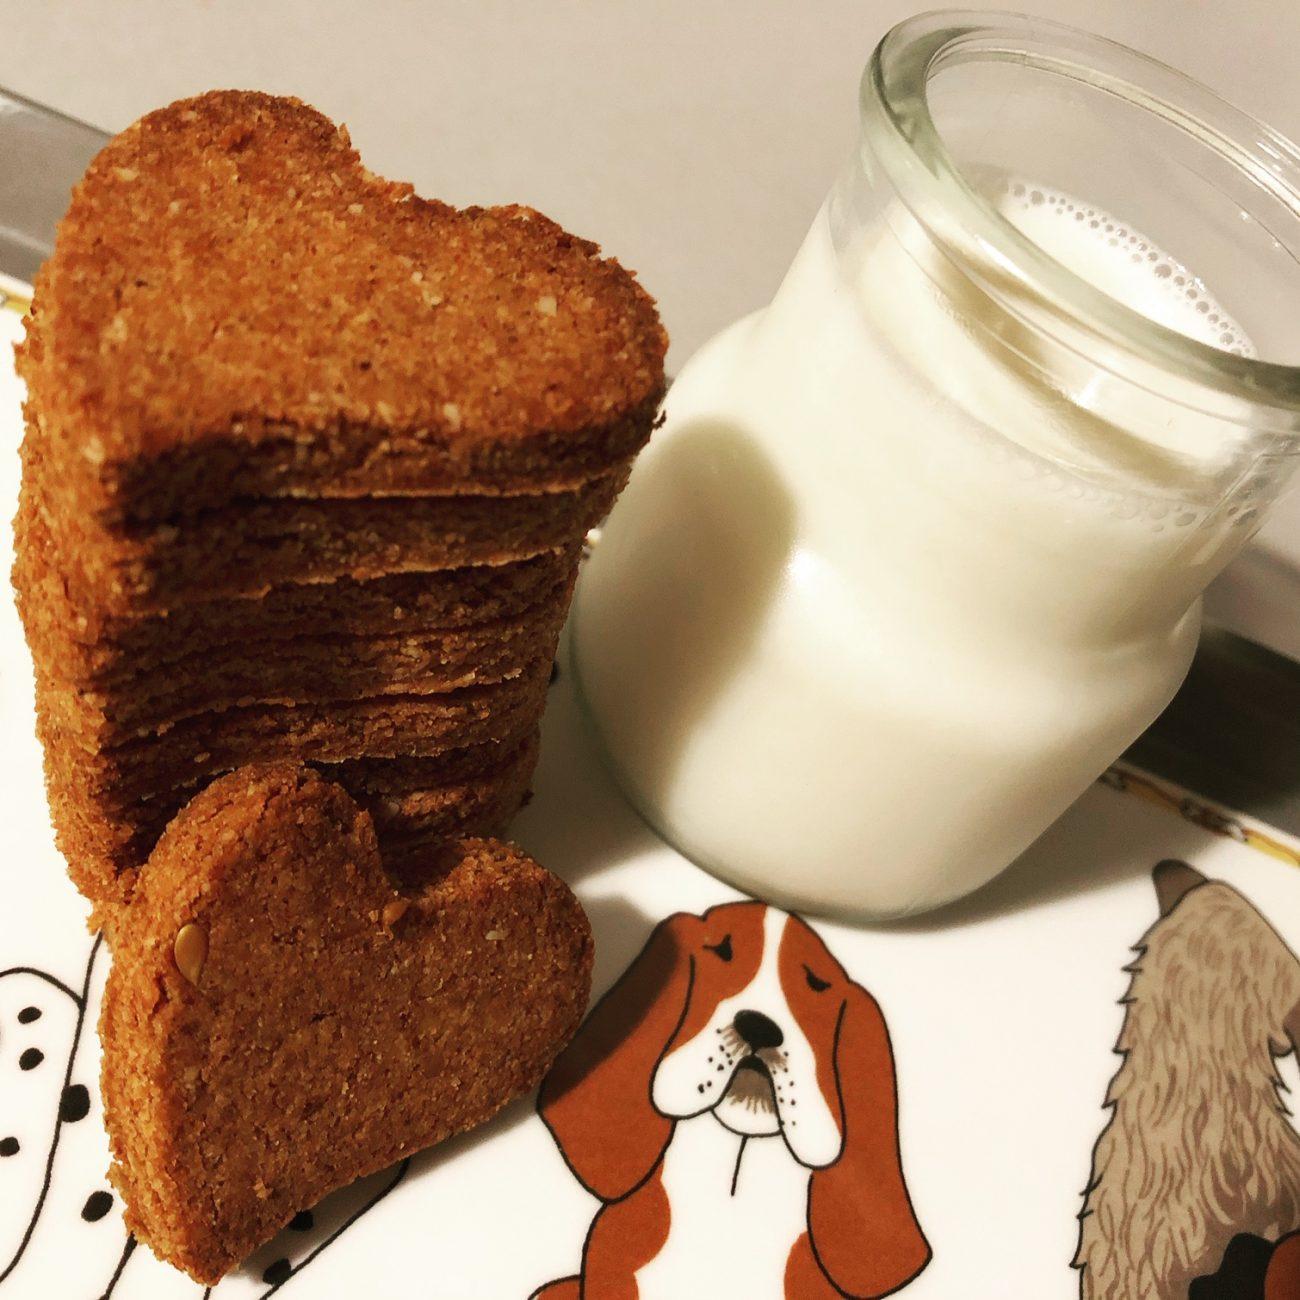 Μπισκότα κανέλας χωρίς αλεύρι (low-carb & keto)